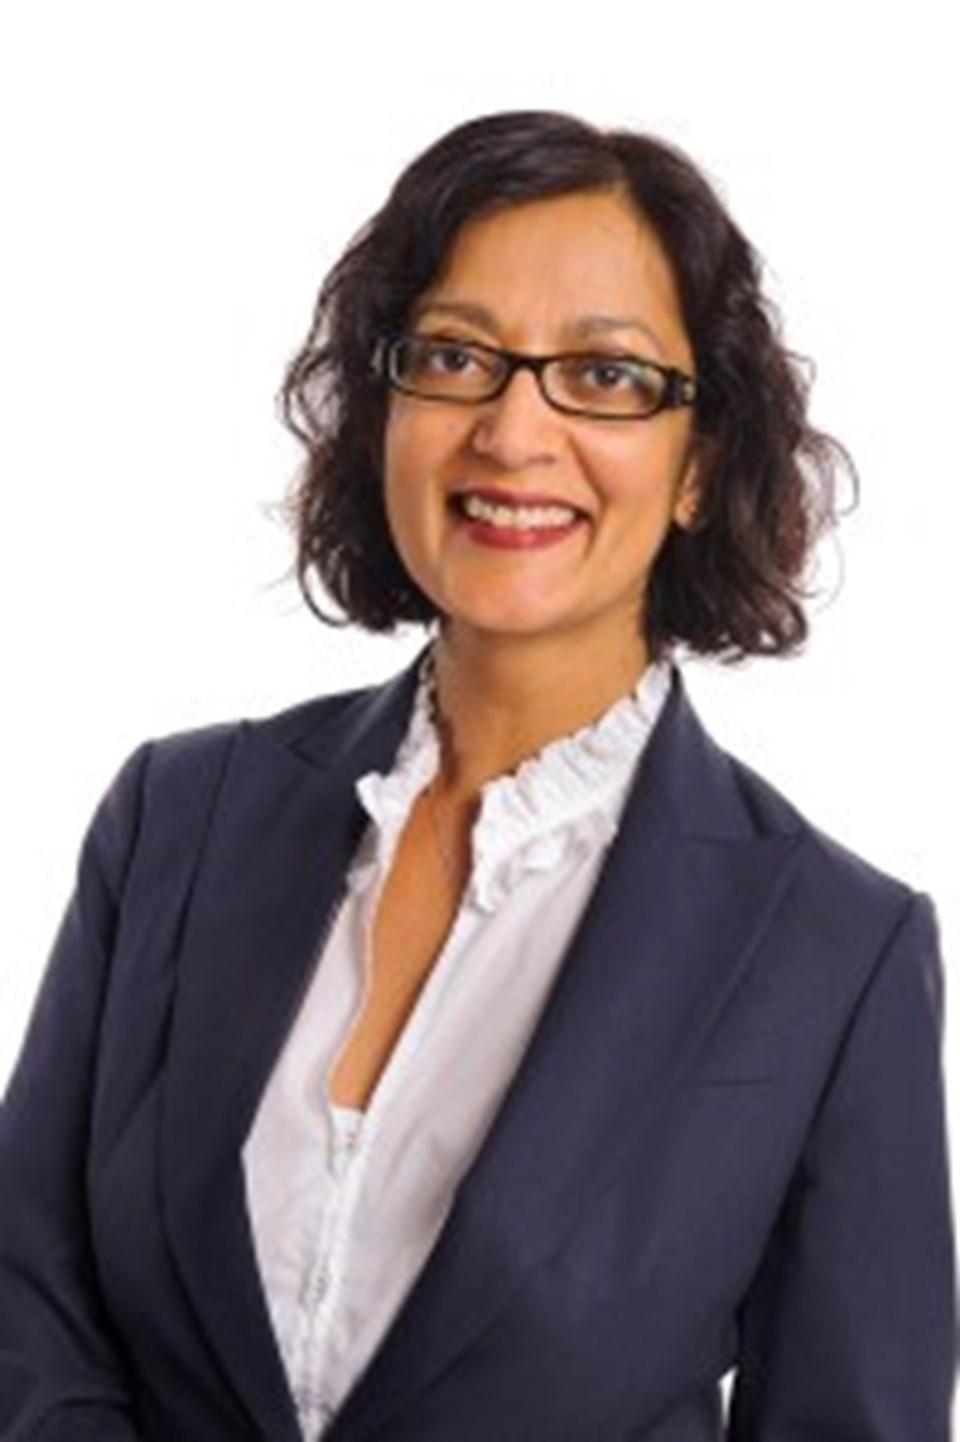 Ericsson Kıdemli Başkan Yardımcısı ve Strateji Direktörü Rima Qureshi